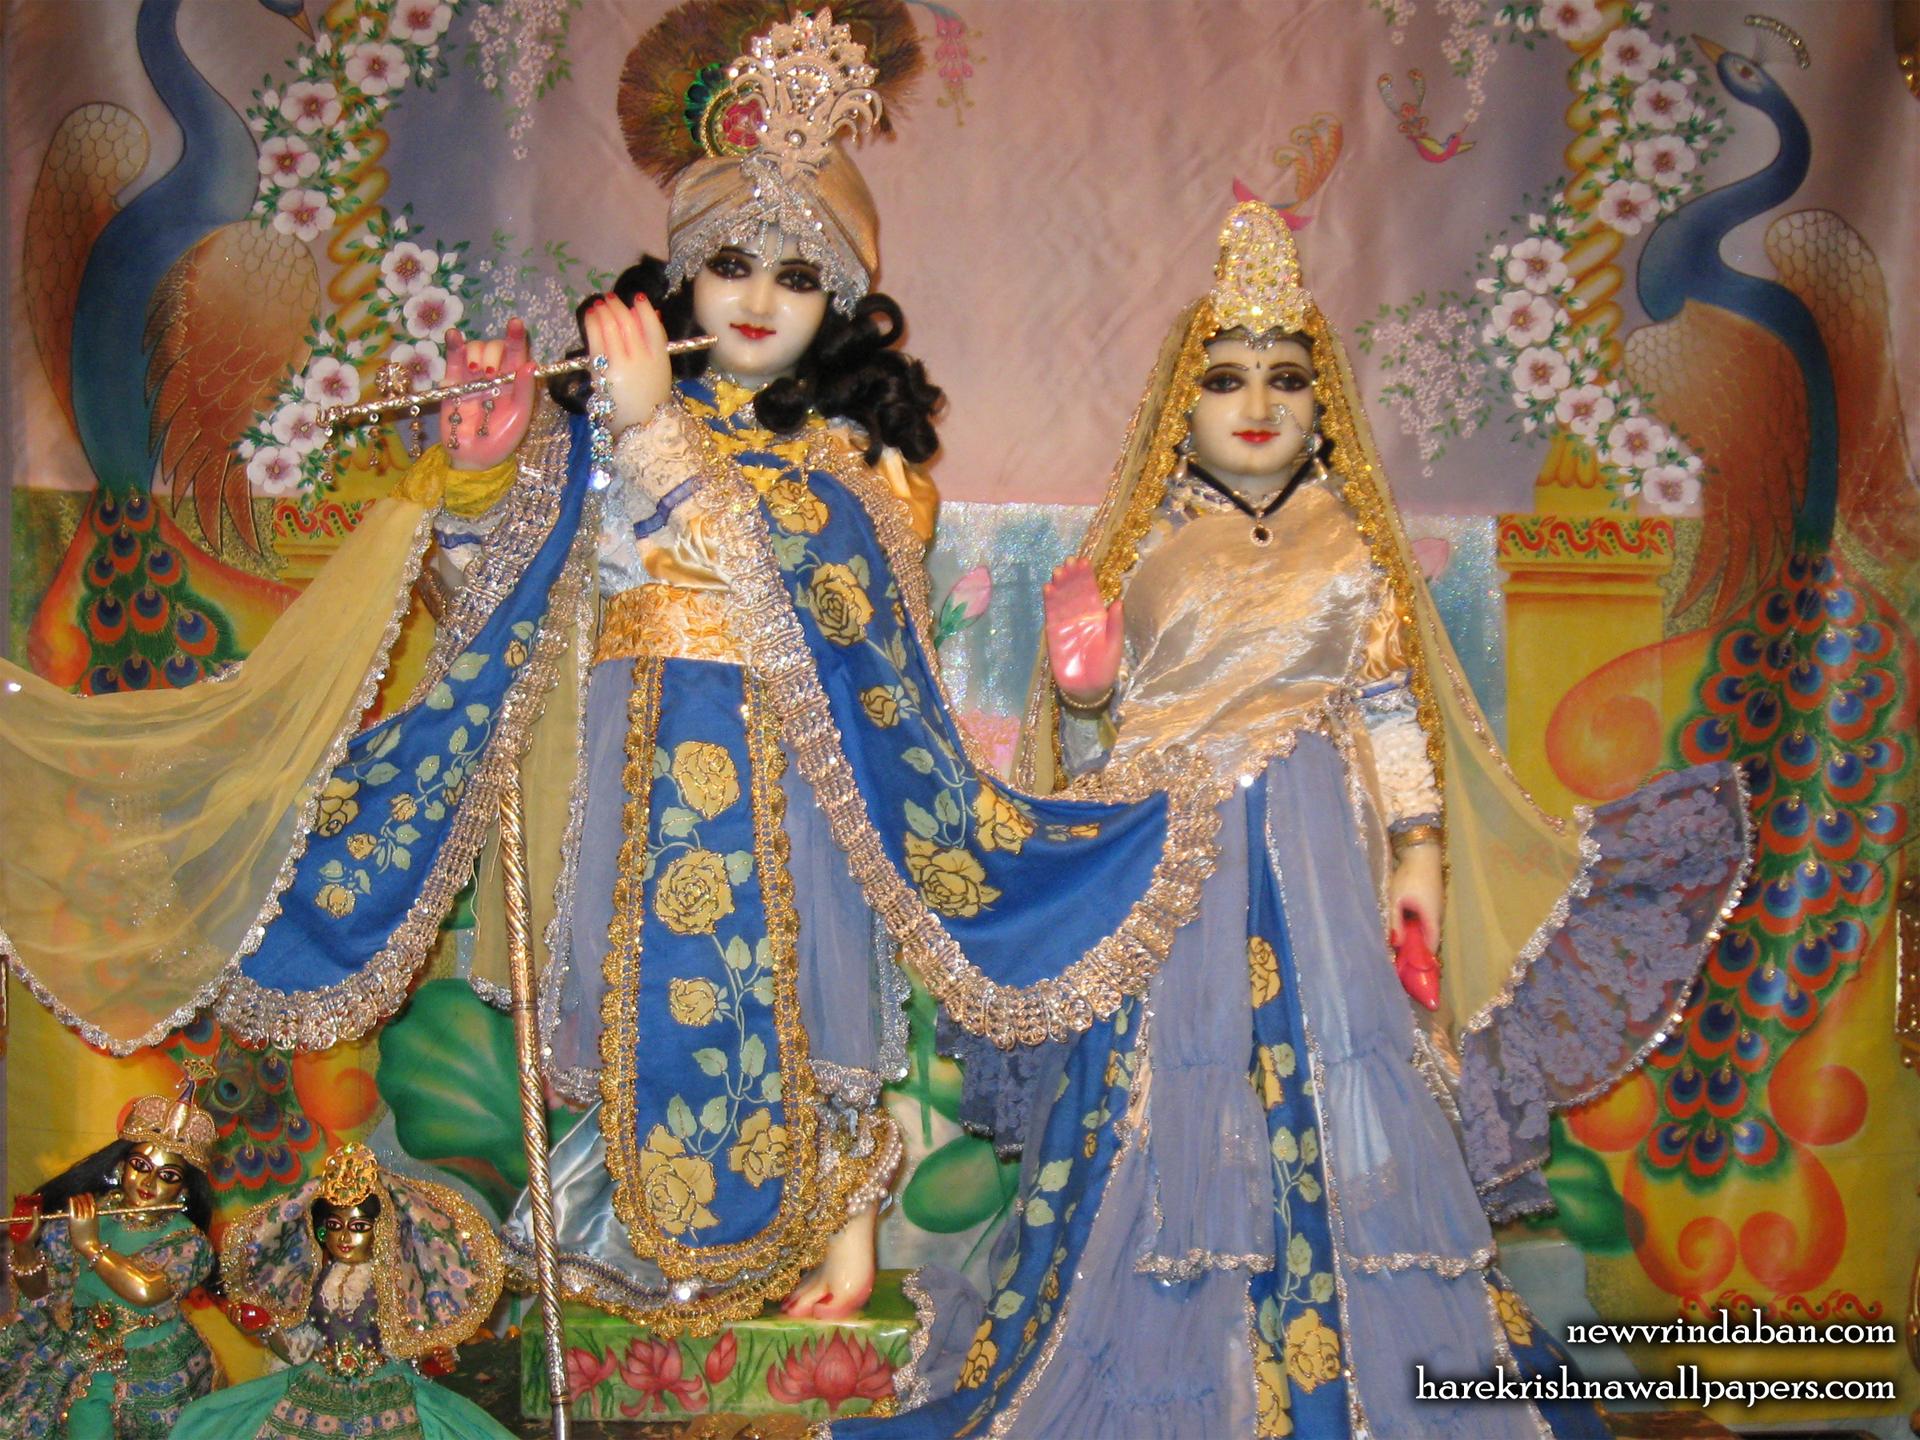 Sri Sri Radha Vrindavana Chandra Wallpaper (006) Size 1920x1440 Download